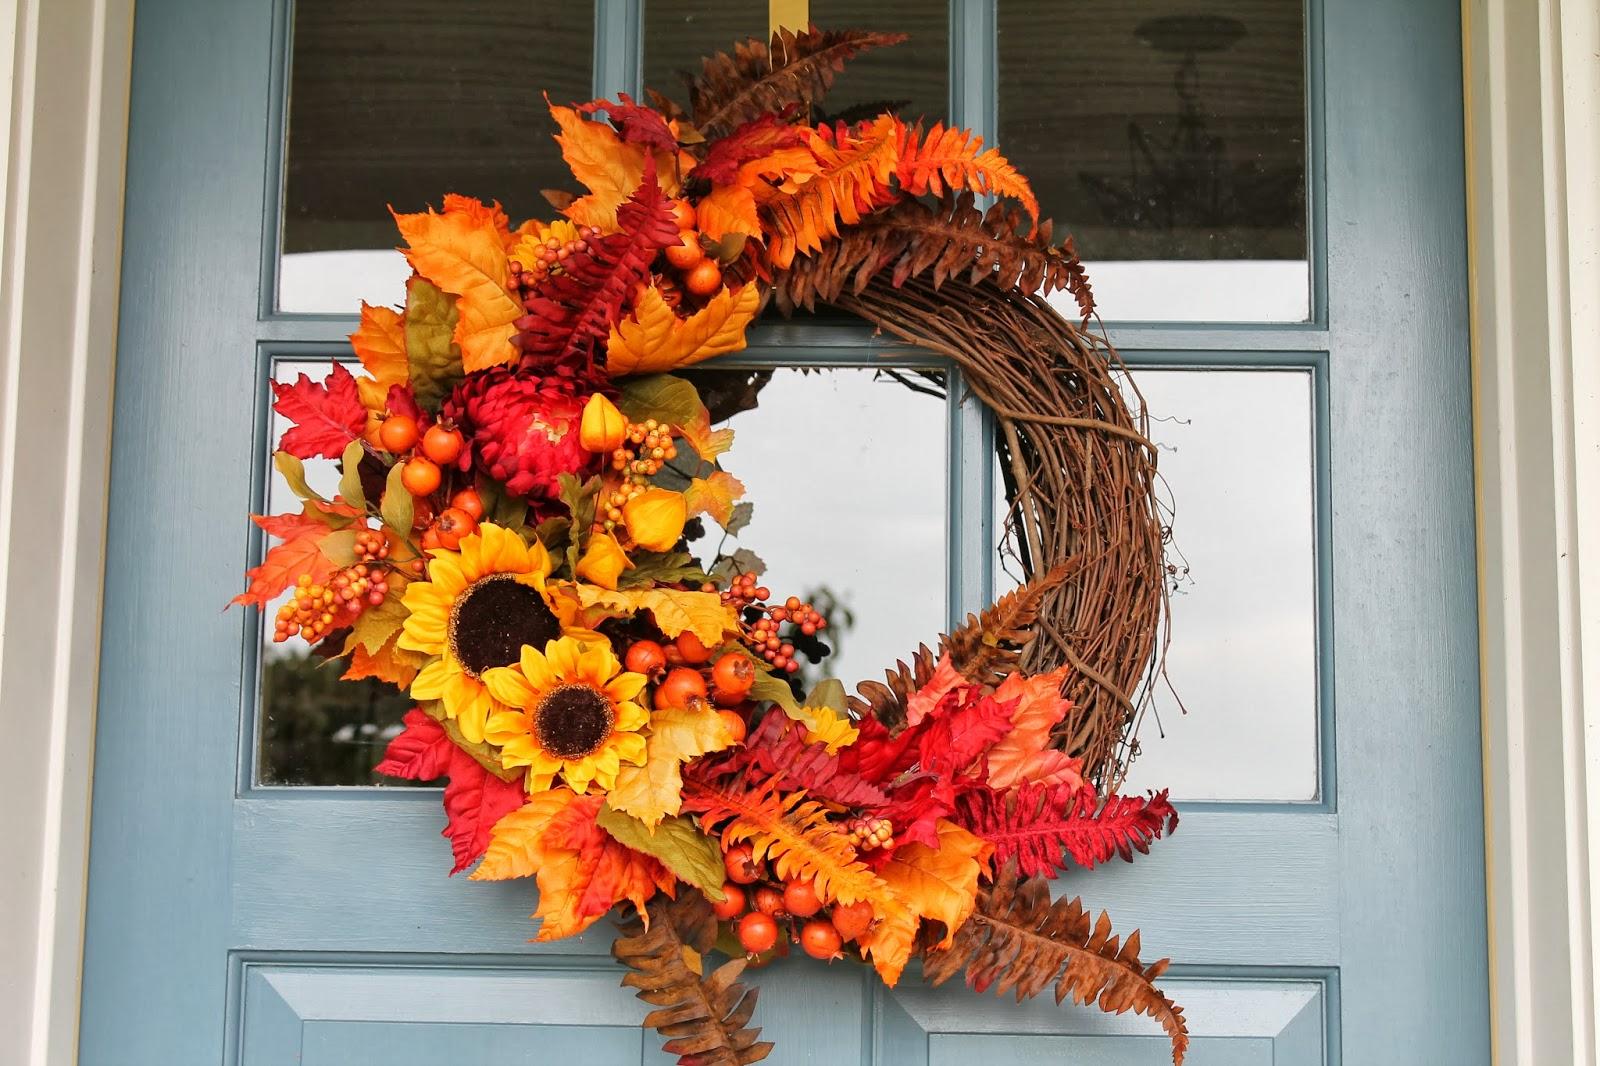 Elizabeth & Co Fall Wreath Making Frenzy